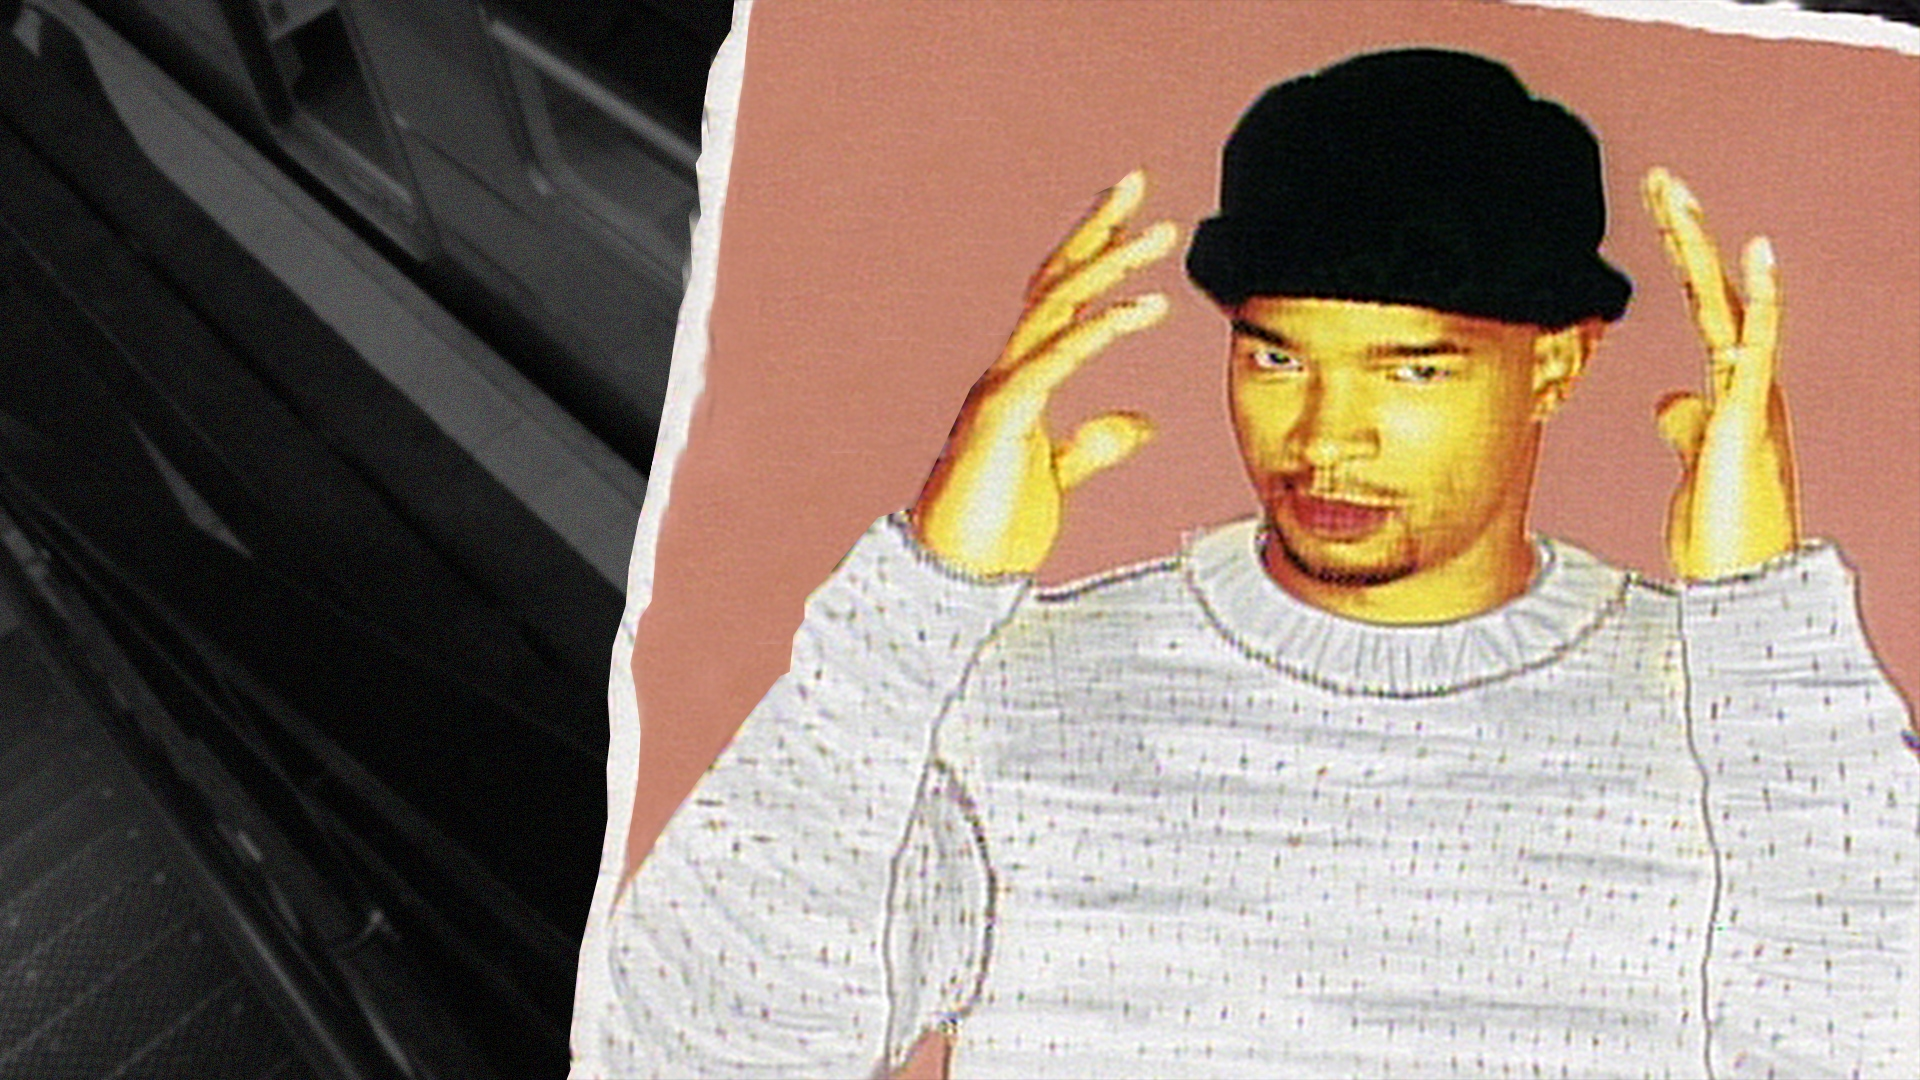 Damon Wayans: April 8, 1995